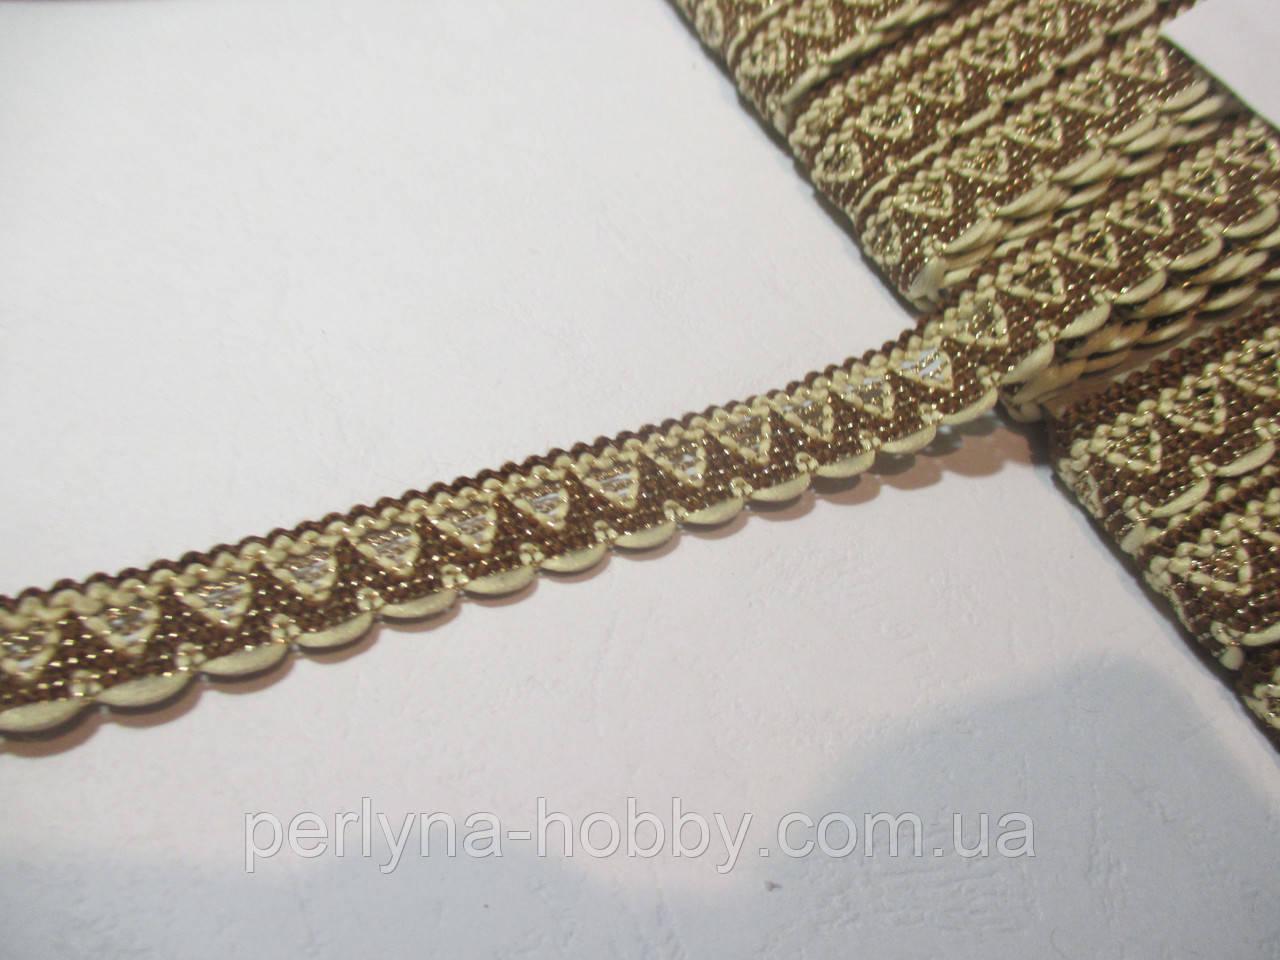 Тесьма декоративная  з люрексовою ниткою 1 см коричнева з кремовим